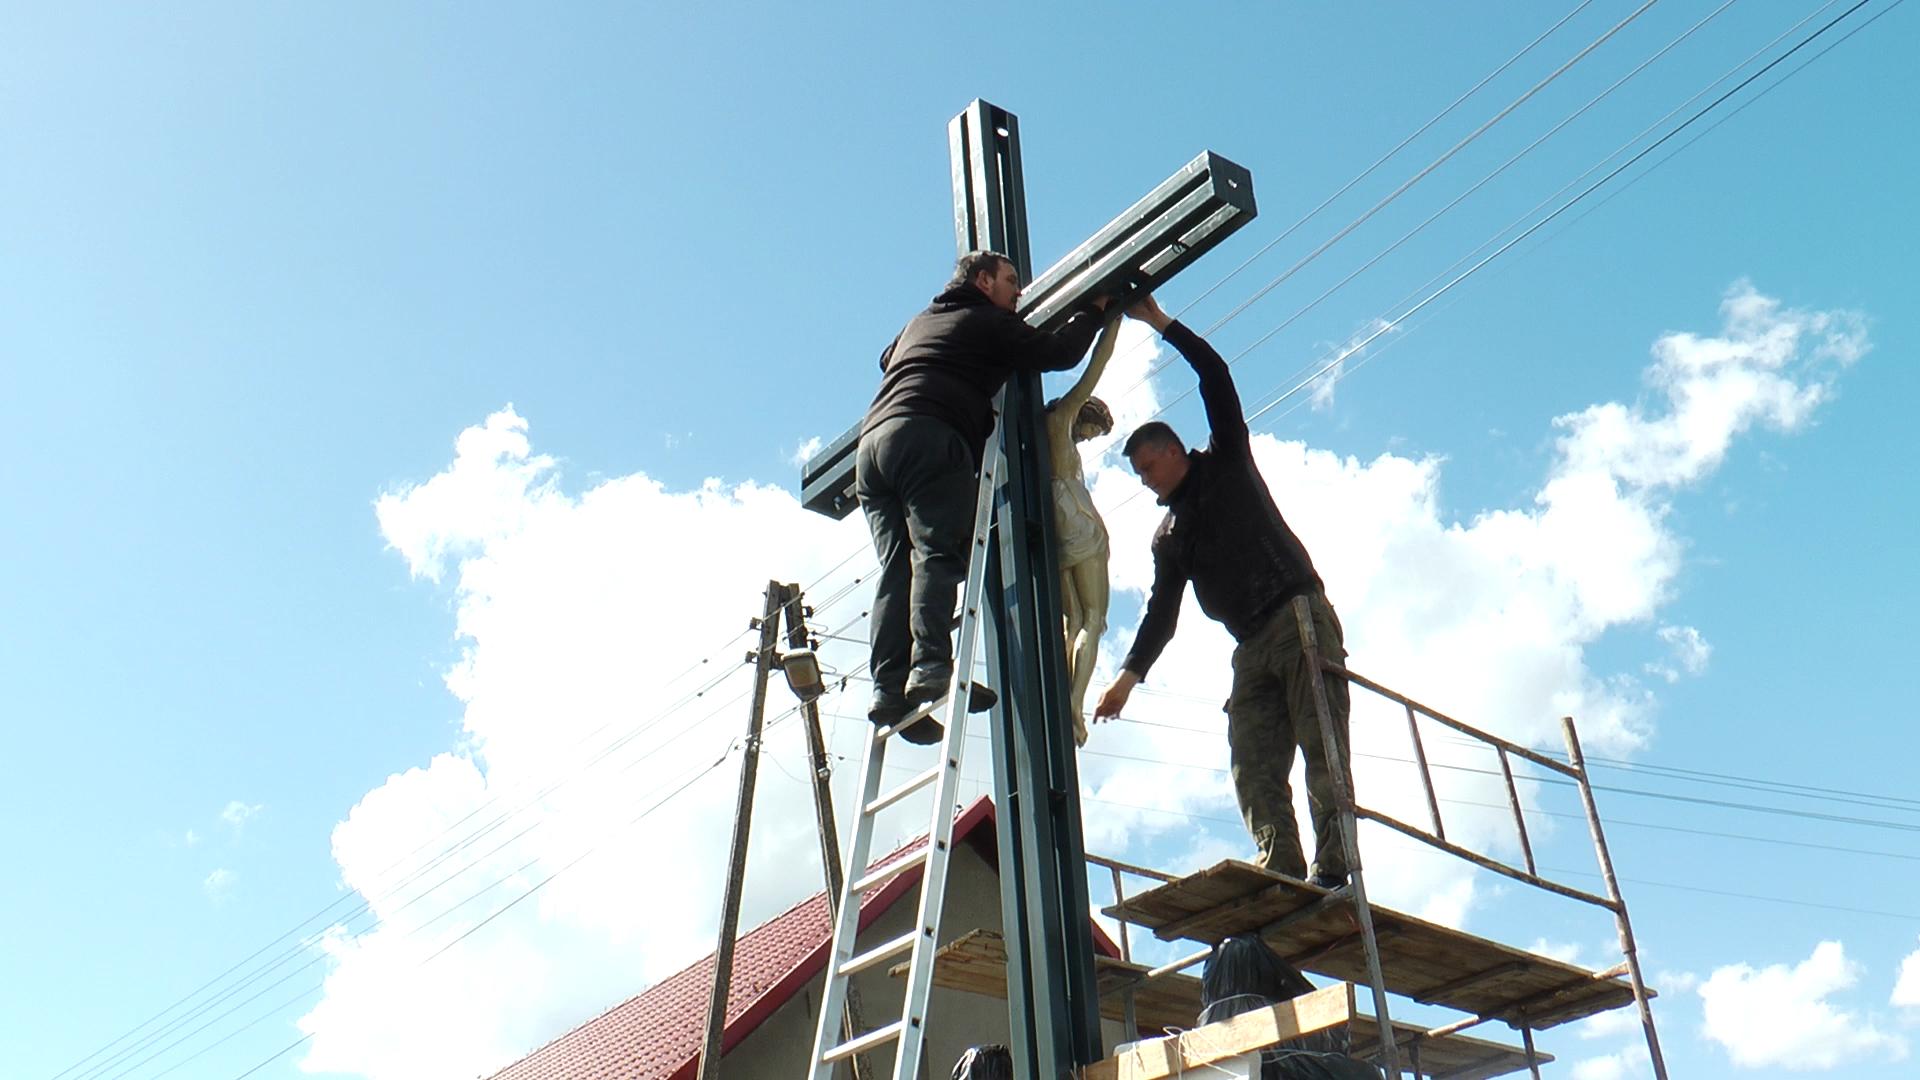 Nowy krzyż stanął w Chocianowcu (wideo)